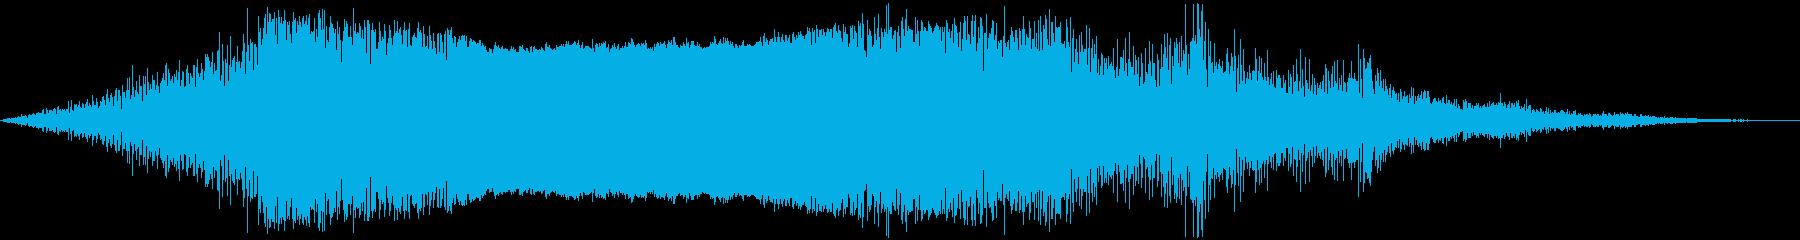 ヘリコプターの飛行(4枚羽根)の再生済みの波形